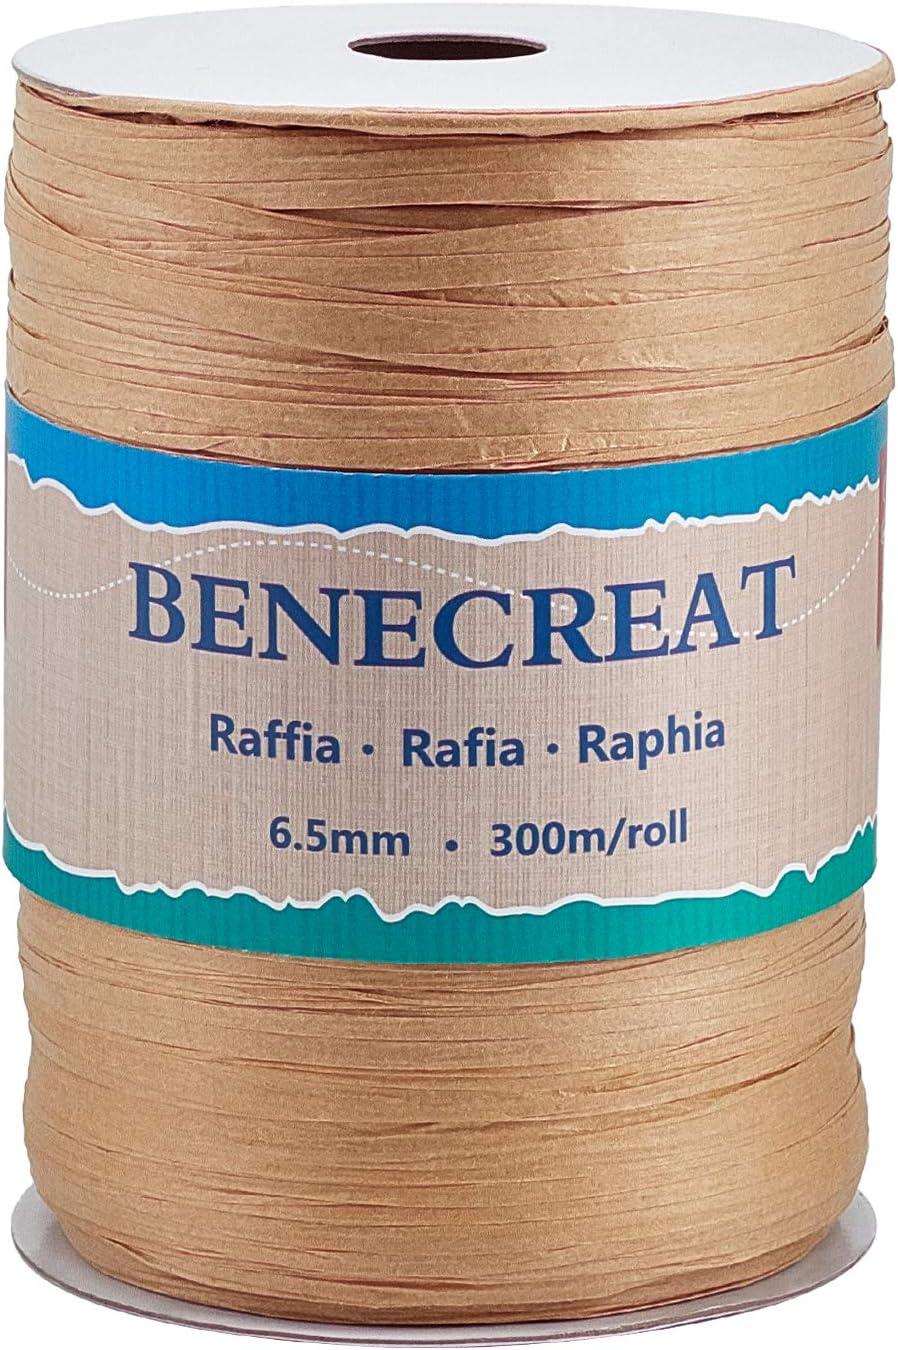 BENECREAT 300m 6.5mm Cinta de Rafia Cinta de Papel Craft Color Madera Cuerda de Rafia para Embalaje de Regalo, Flor, Decoración de Tejido de Artesanía